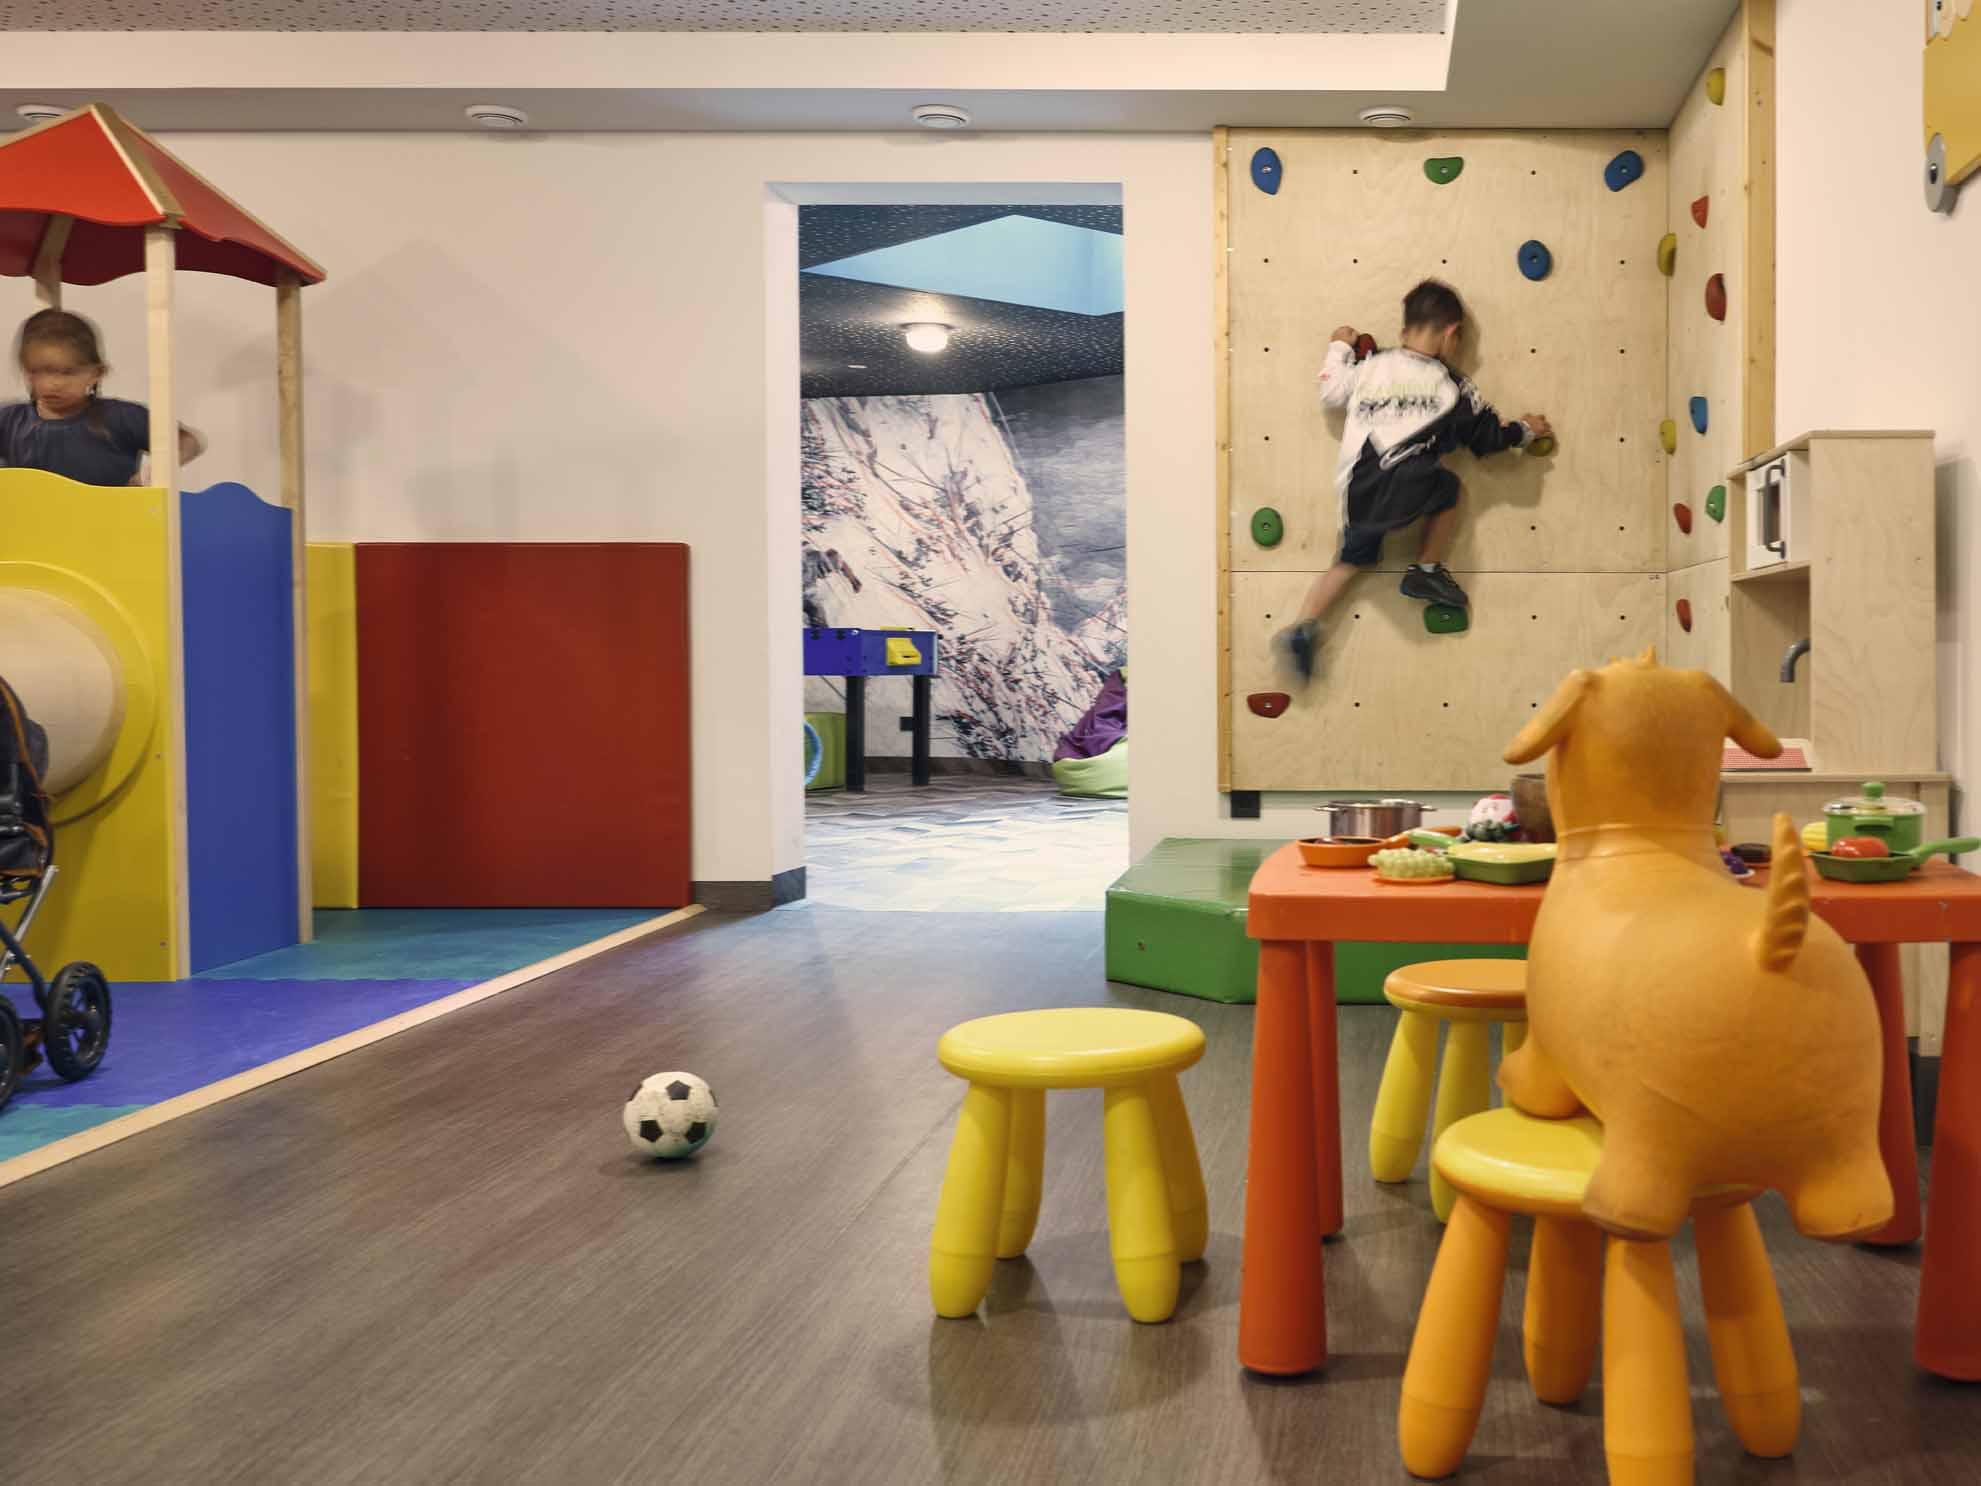 Ein Kind klettert auf die kleine Kletterwand in der Familien-Spielewelt